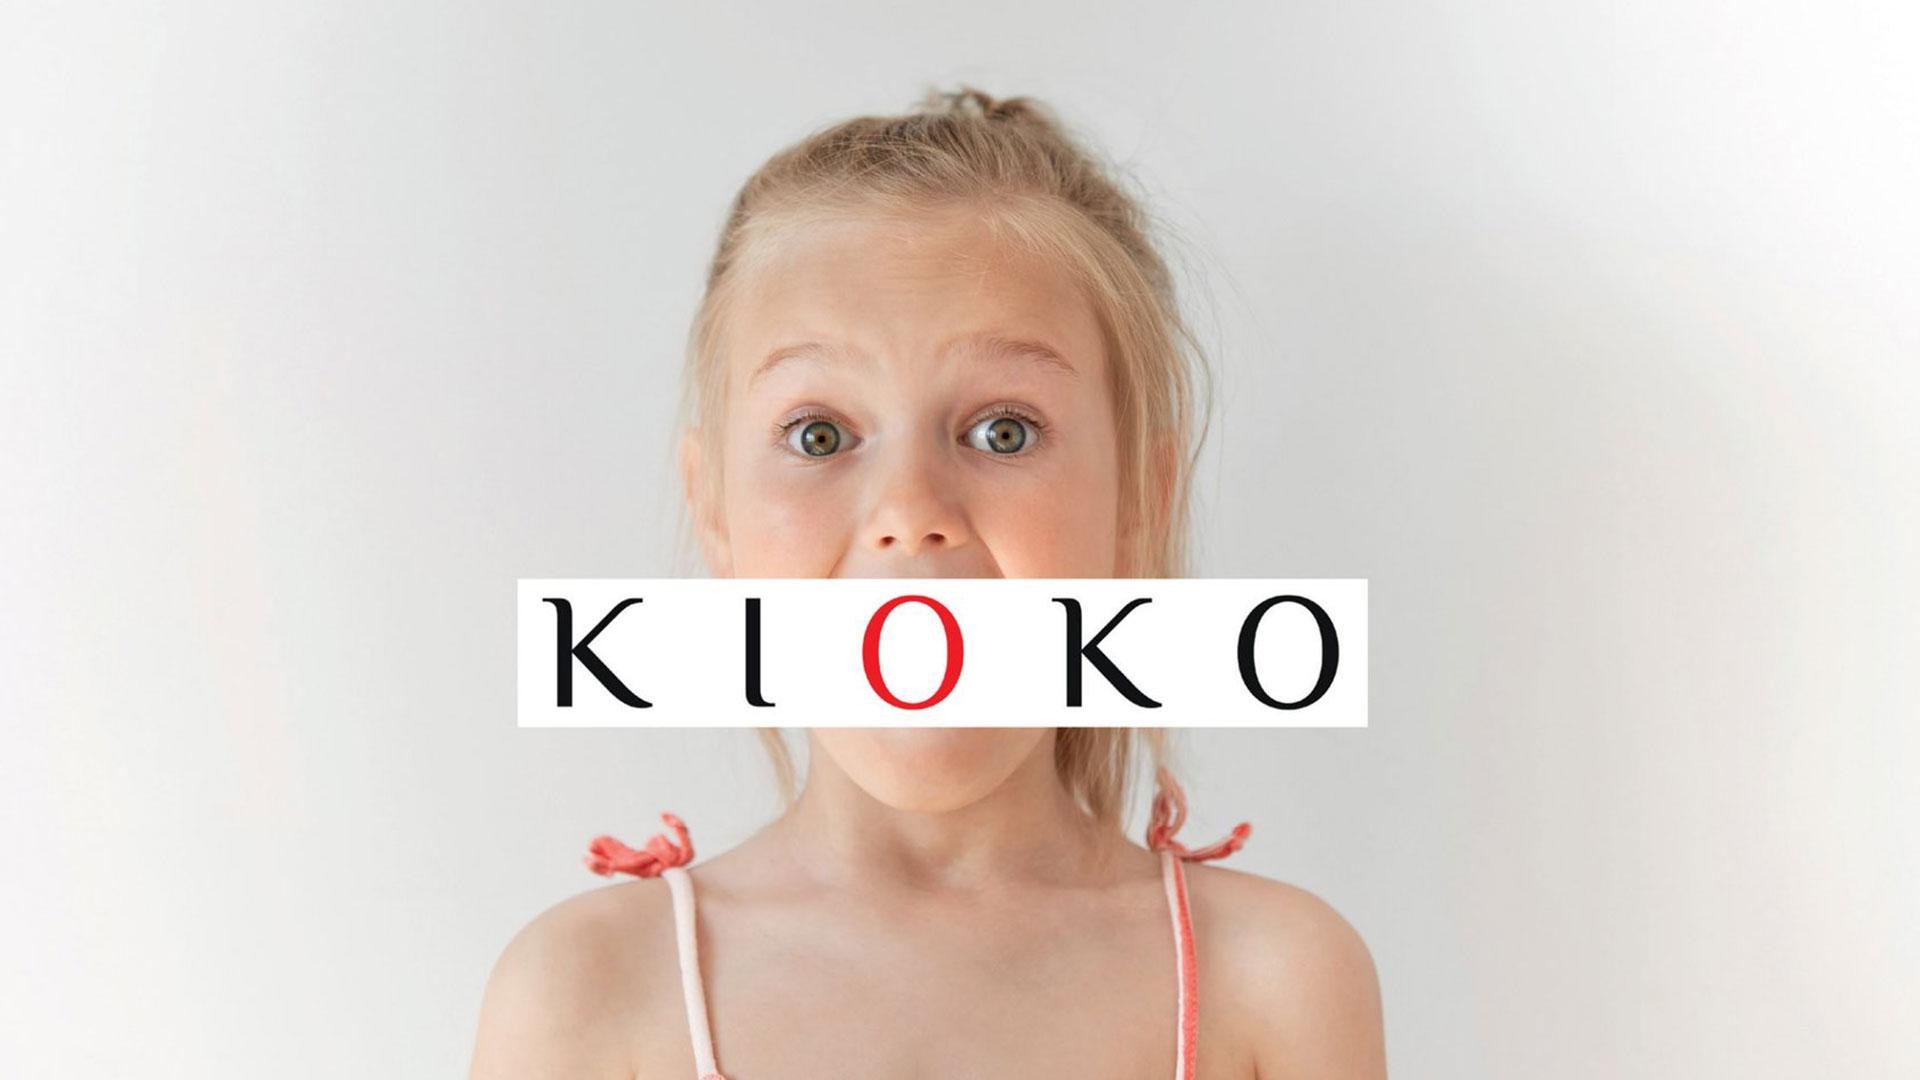 KIOKO